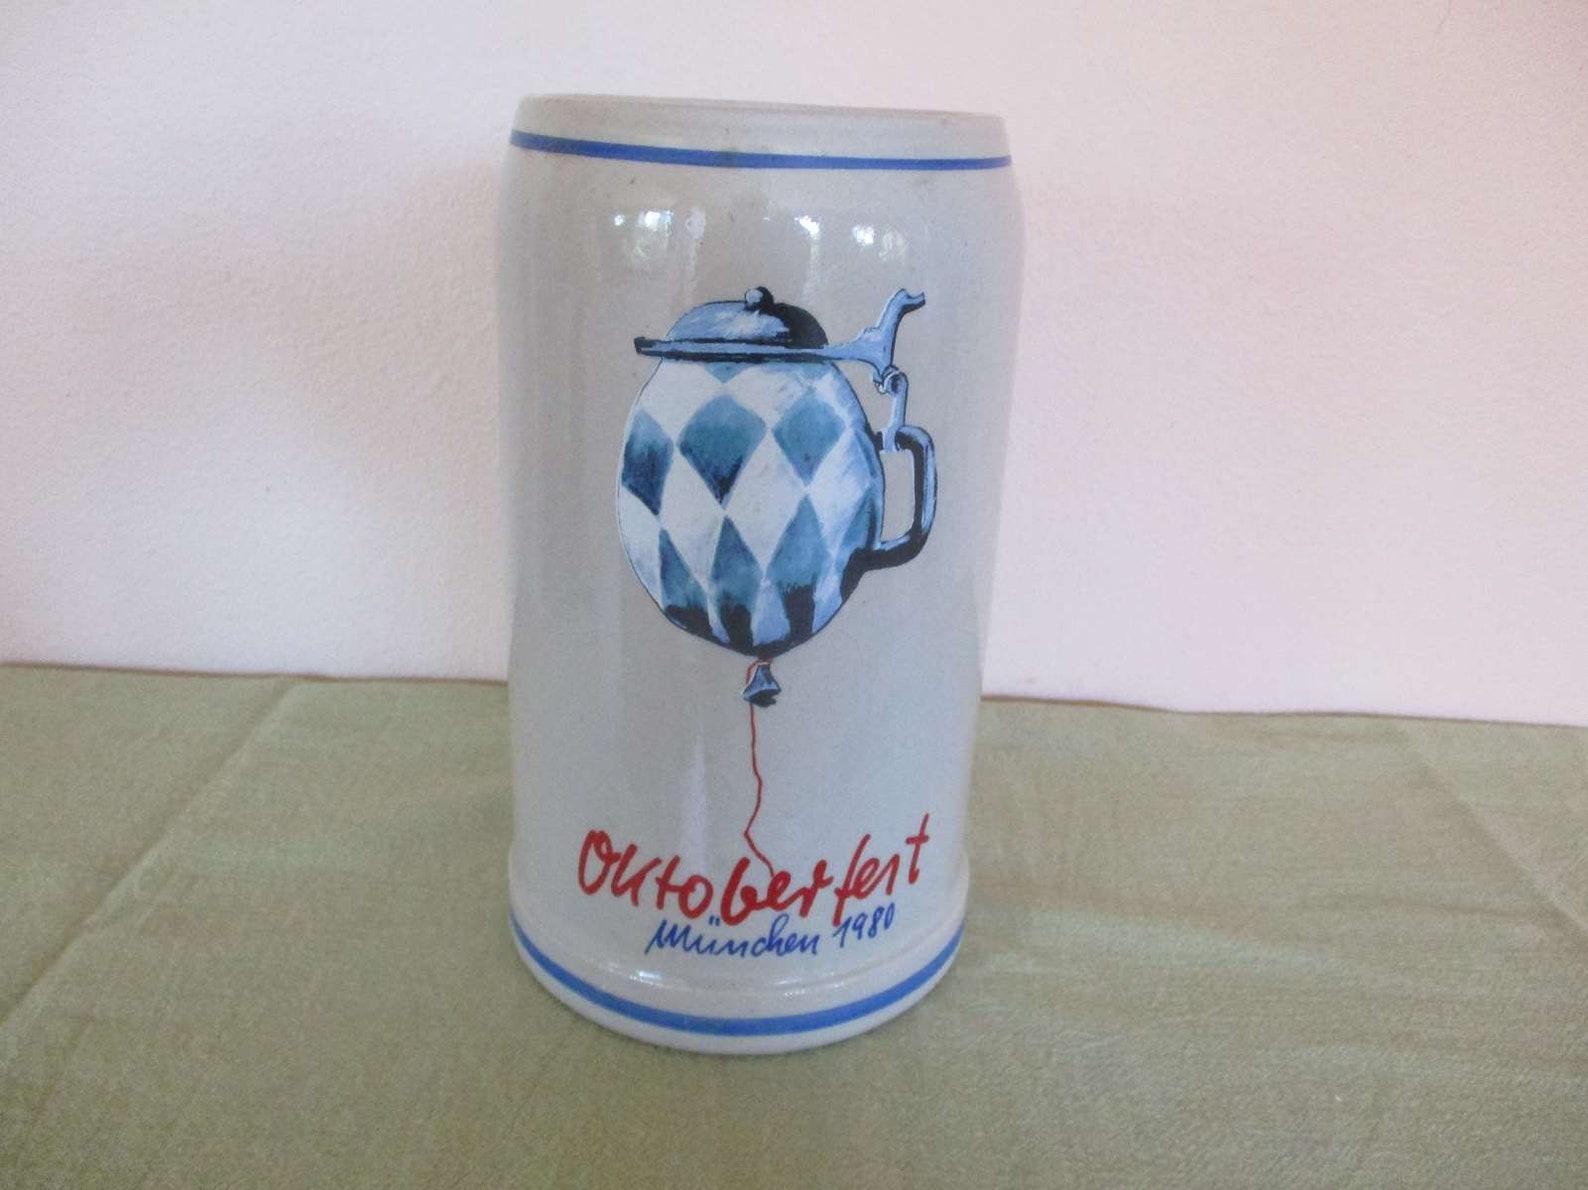 Vintage Oktoberfest Munchen 1980 Beer Stein, Signed Fritz Dommel